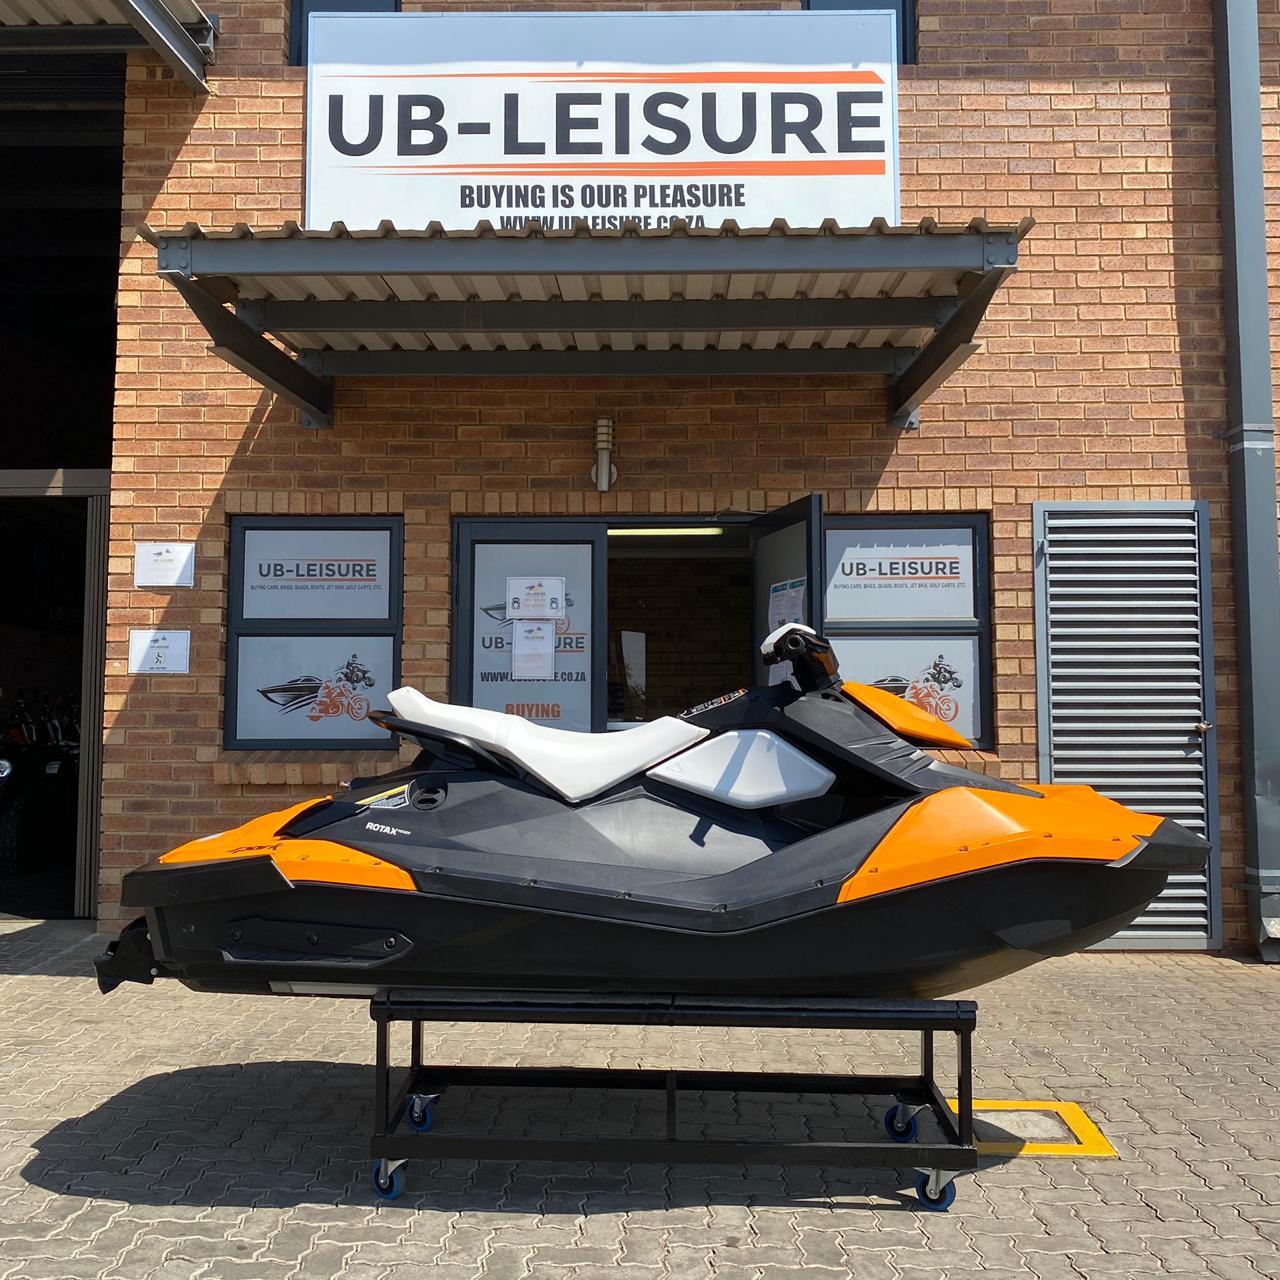 2015 SEADOO SPARK | UB LEISURE